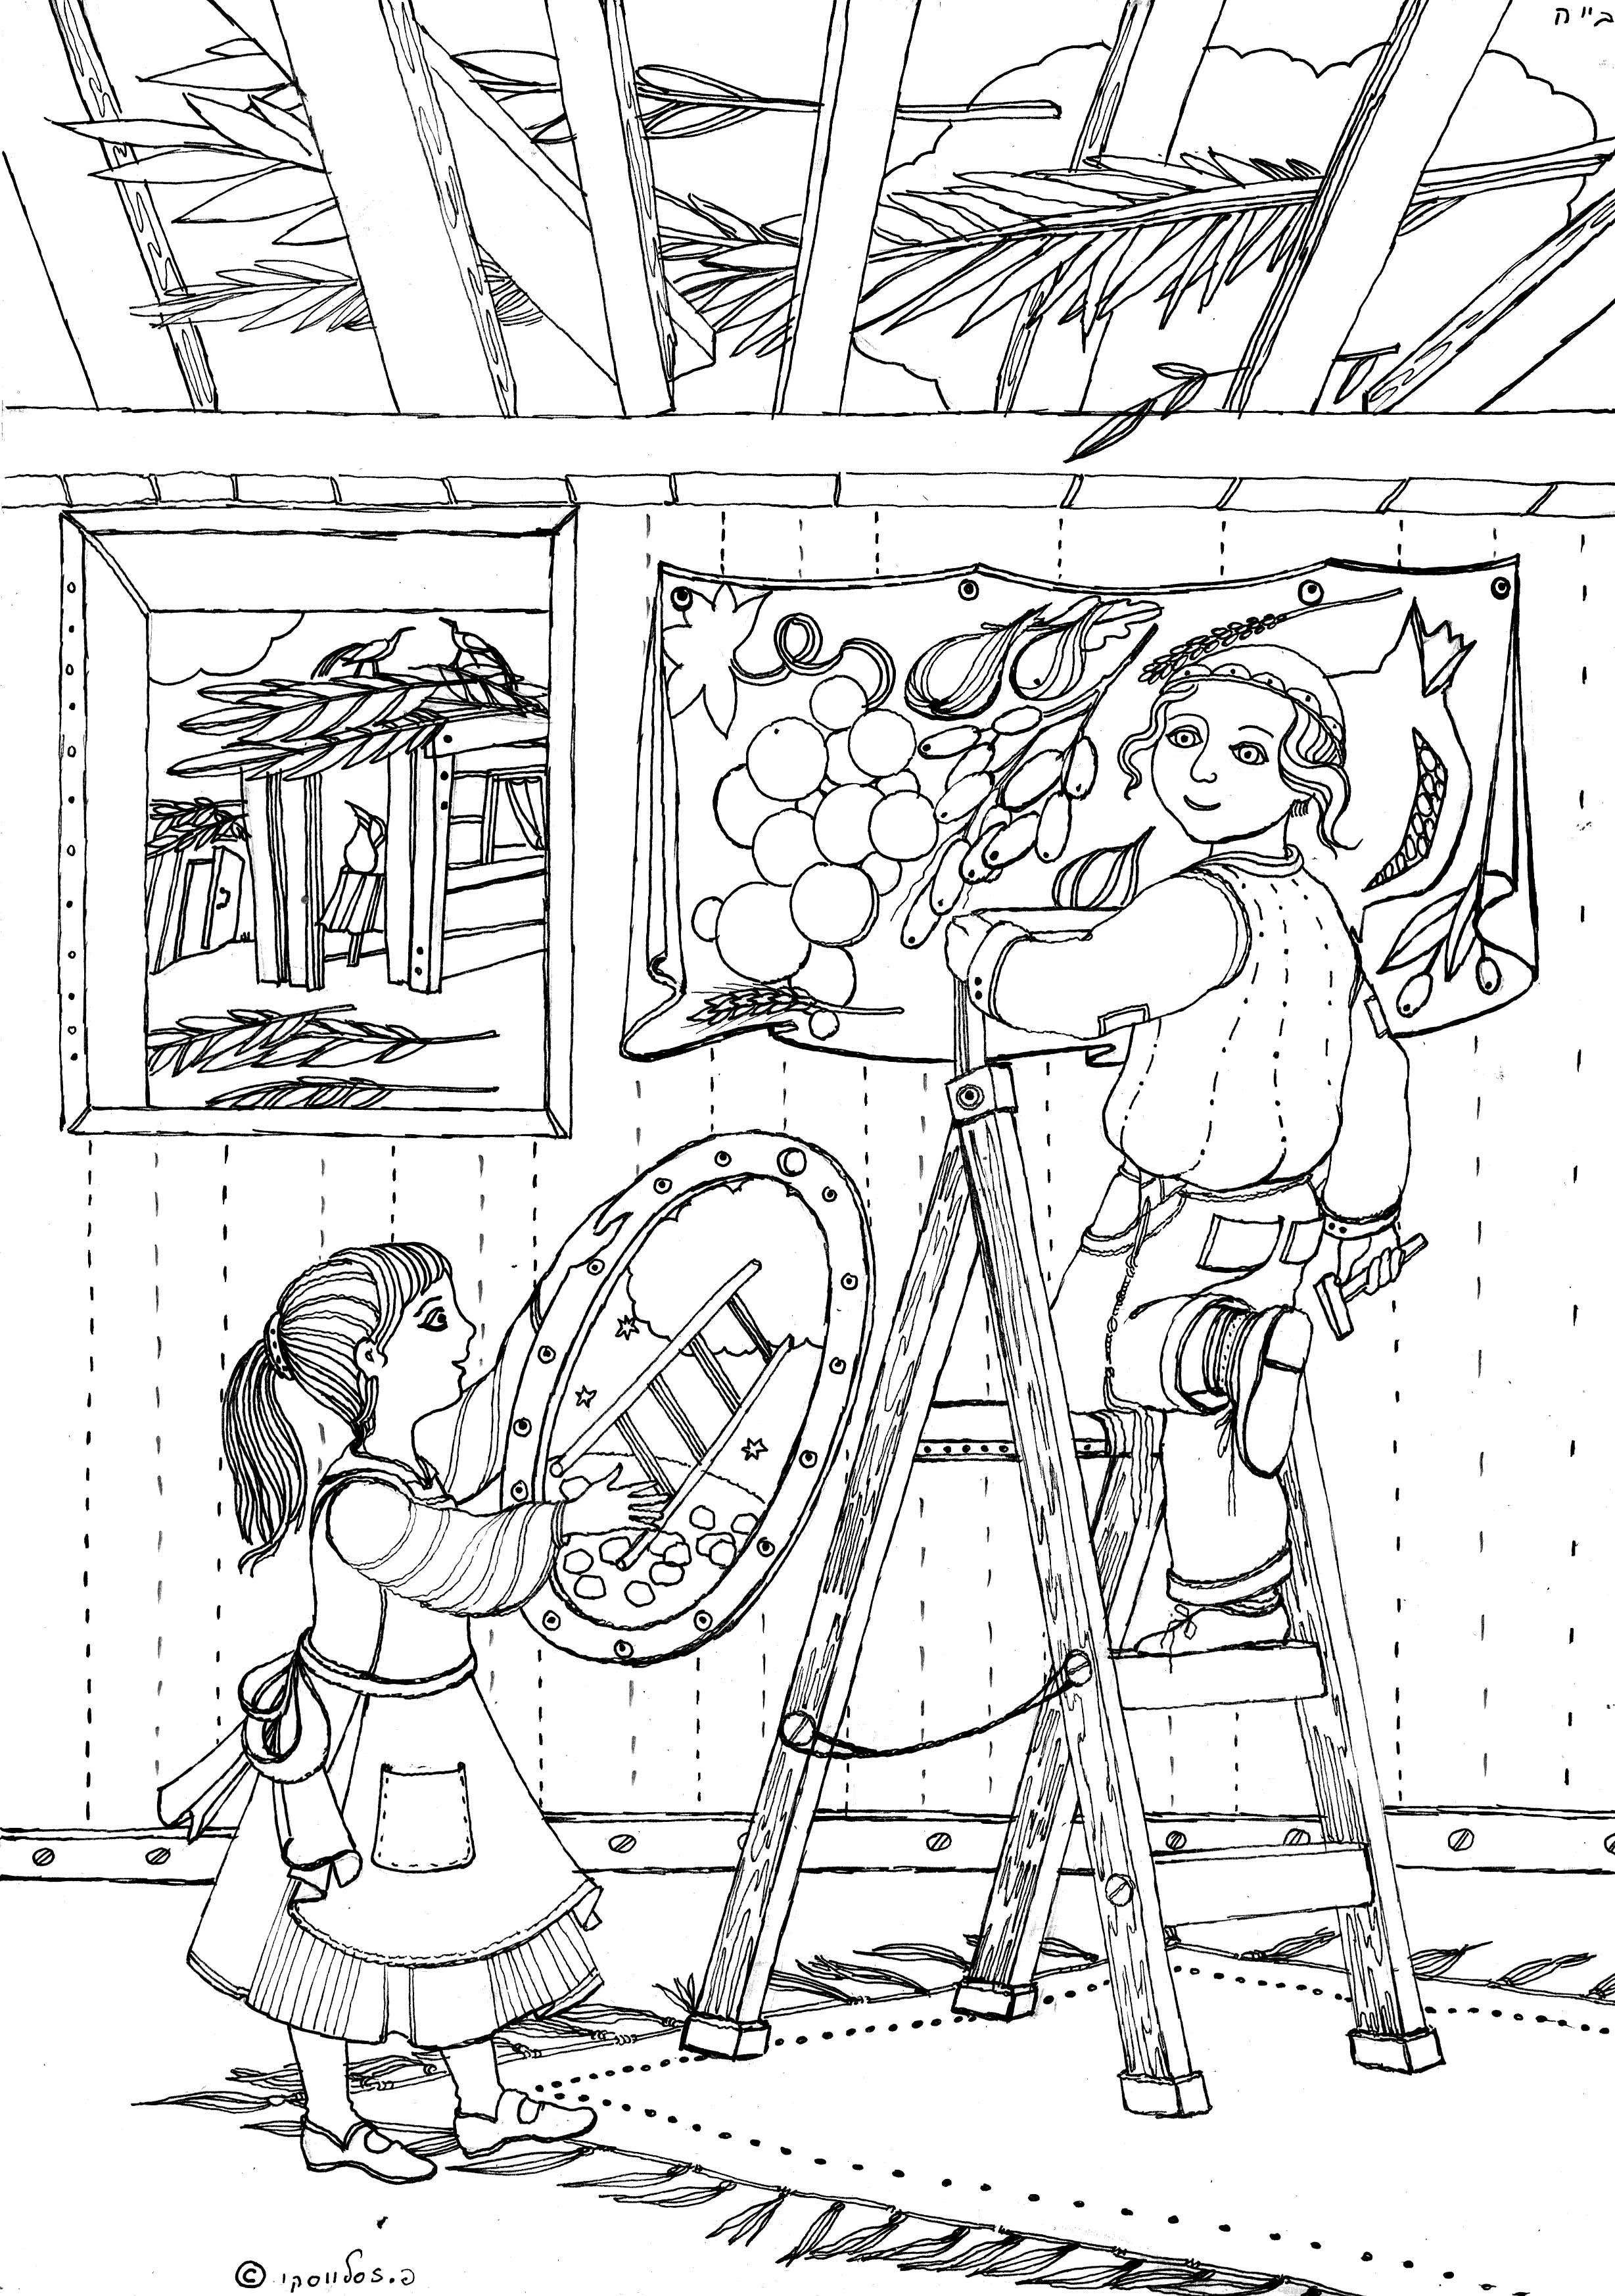 דף צביעה לסוכות - בנית הסוכה